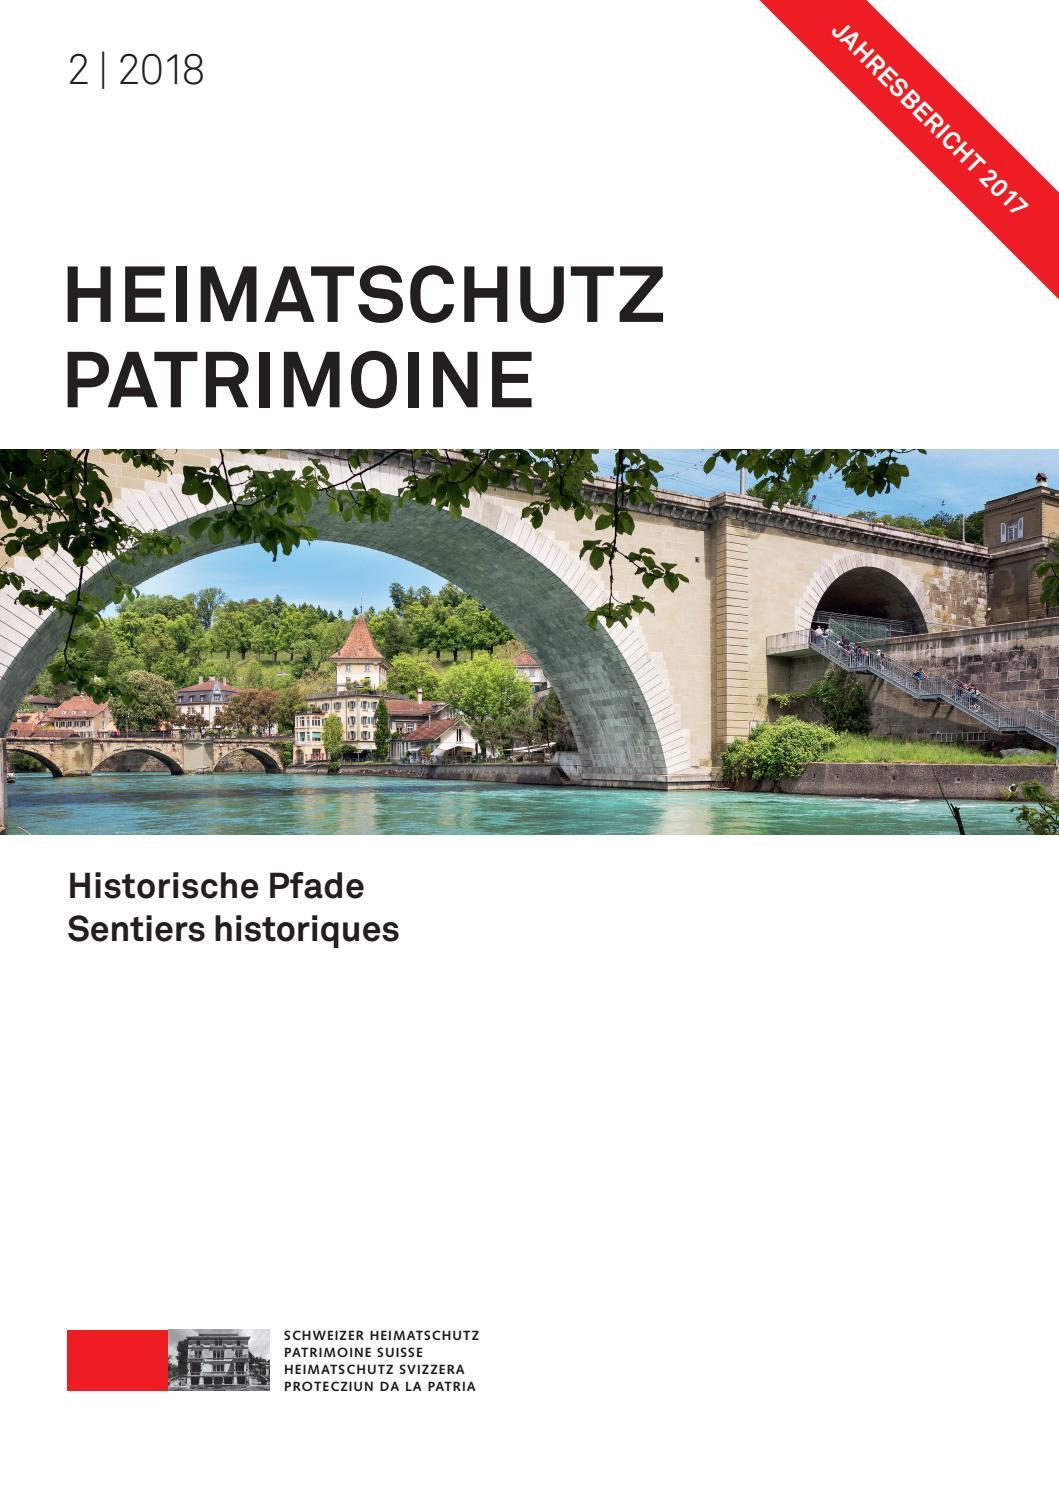 Heimatschutz/Patrimoine 2-2018 by Schweizer Heimatschutz - issuu